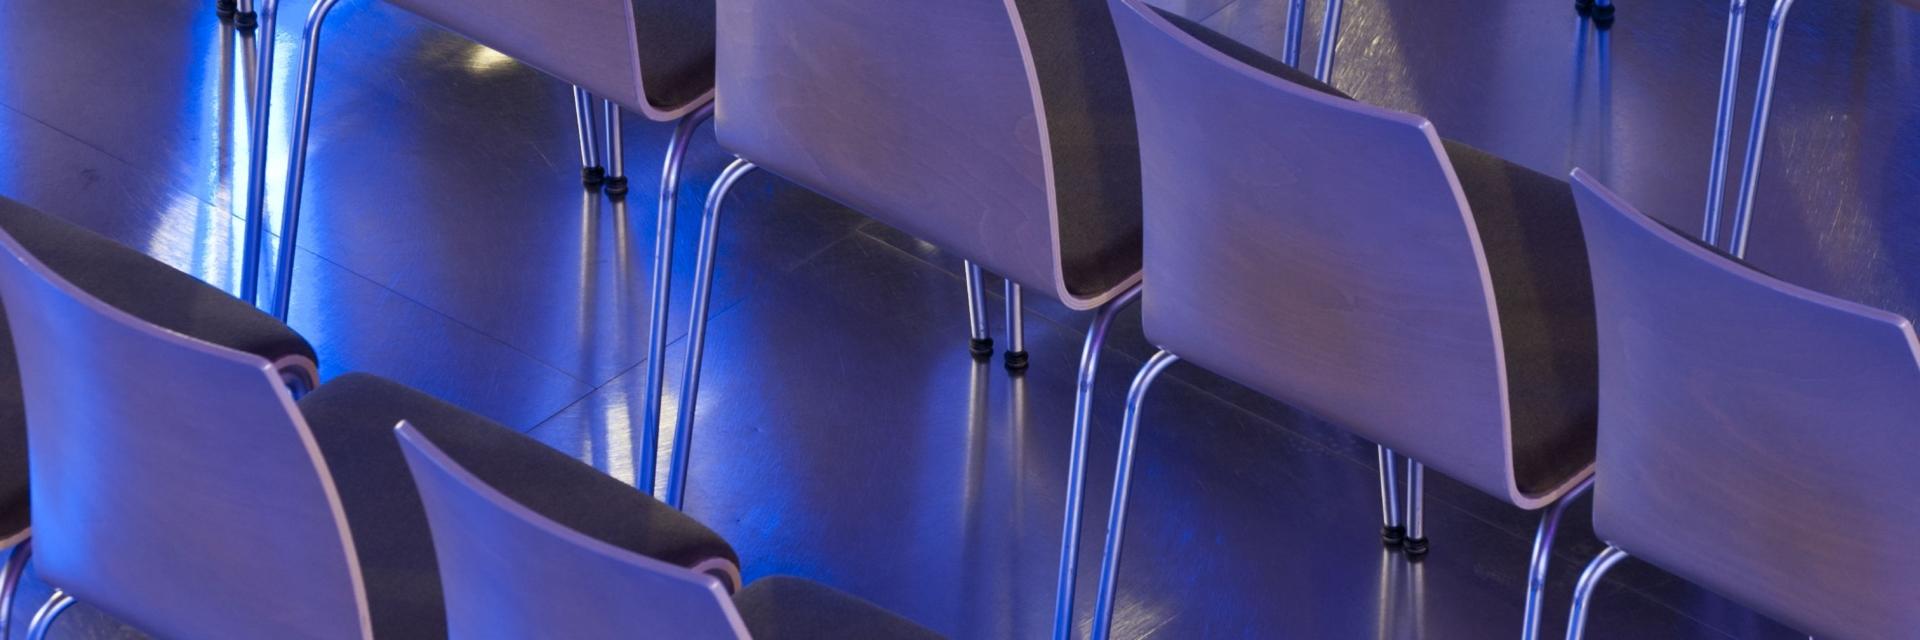 Reihenbestuhlung - Leere Plätze machen auf die dramatische Situation aufmerksam. Der Slogan dazu: Anderthalb Meter bis zum Abgrund! © JenaKultur, Foto: Andreas Hub